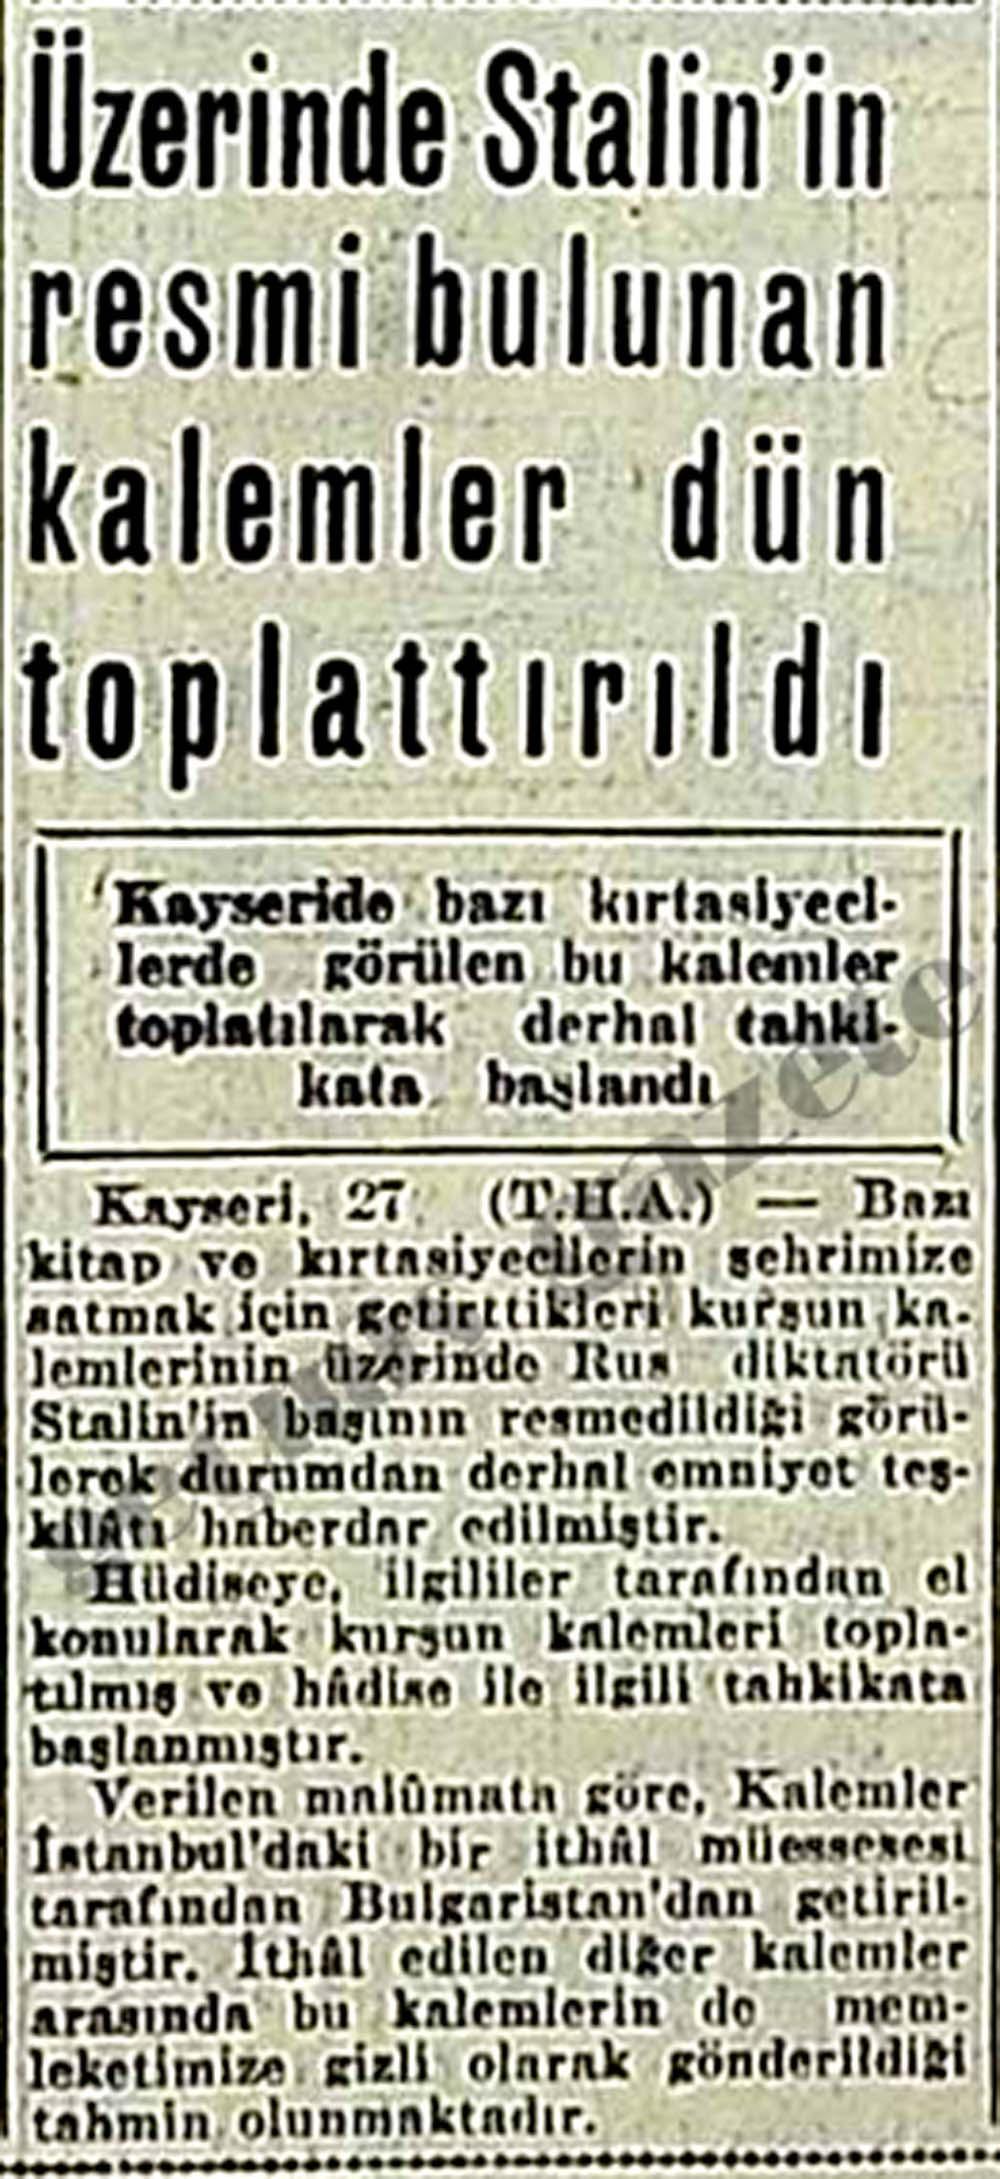 Üzerinde Stalin'in resmi bulunan kalemler dün toplattırıldı